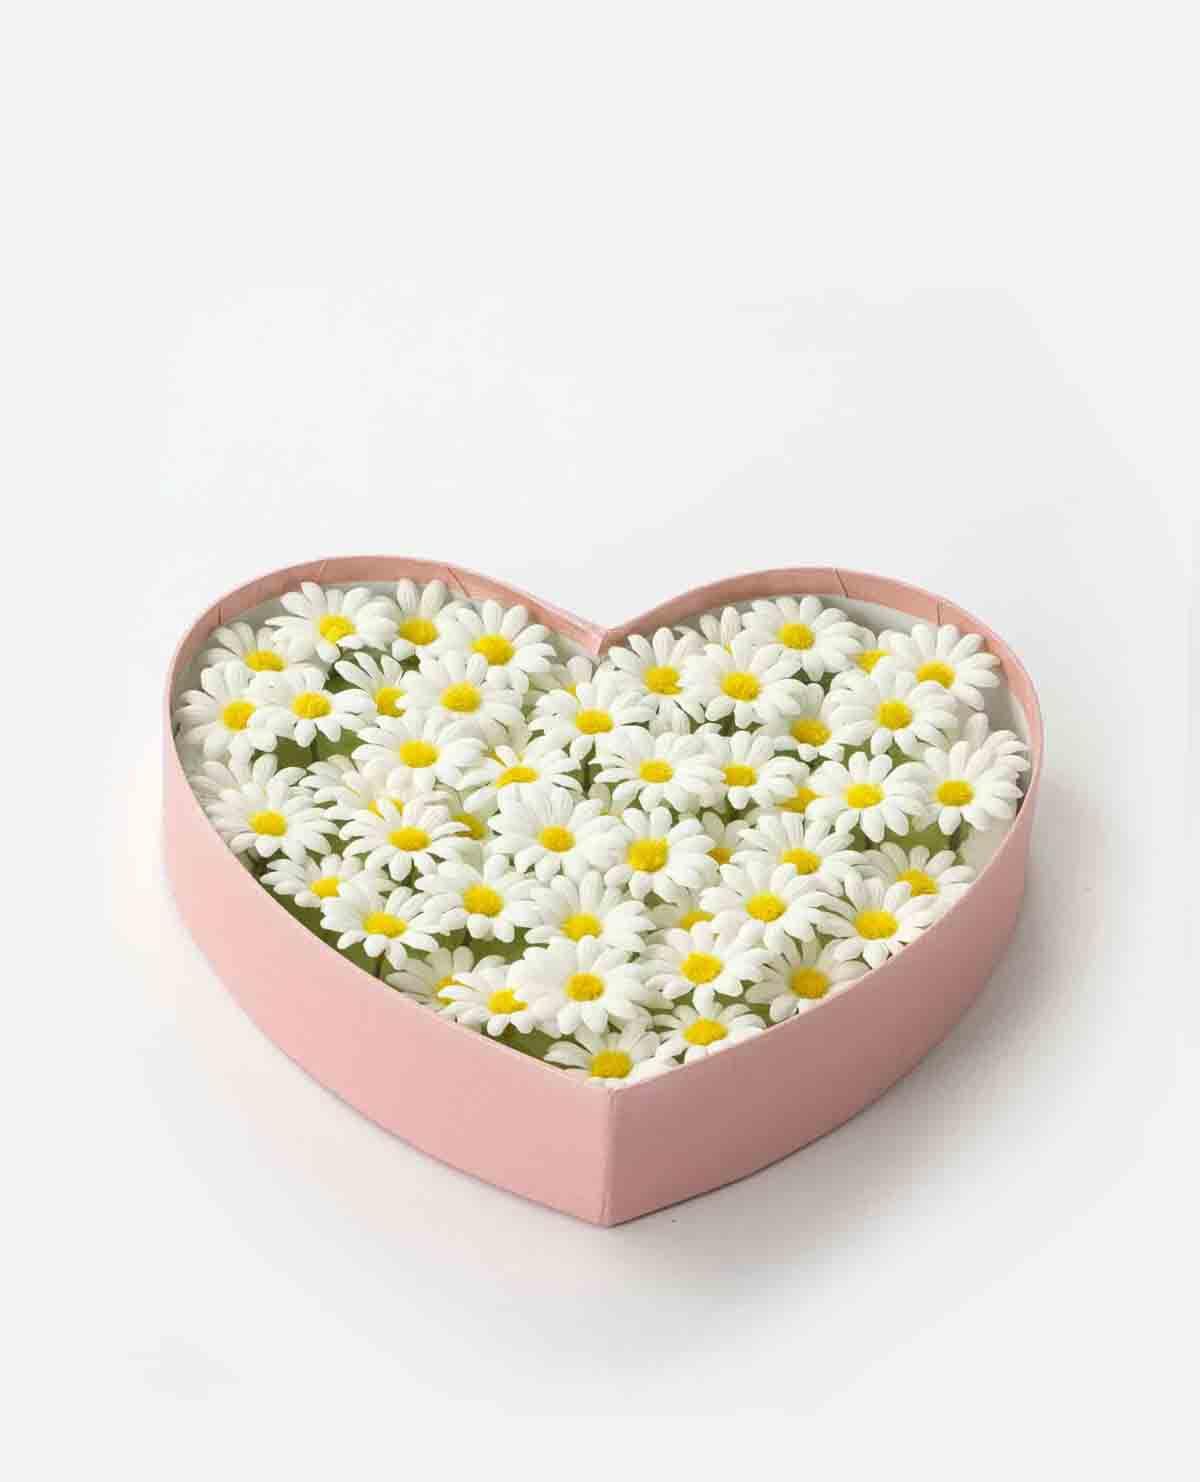 花 入浴剤 マーガレット ハート ボックス